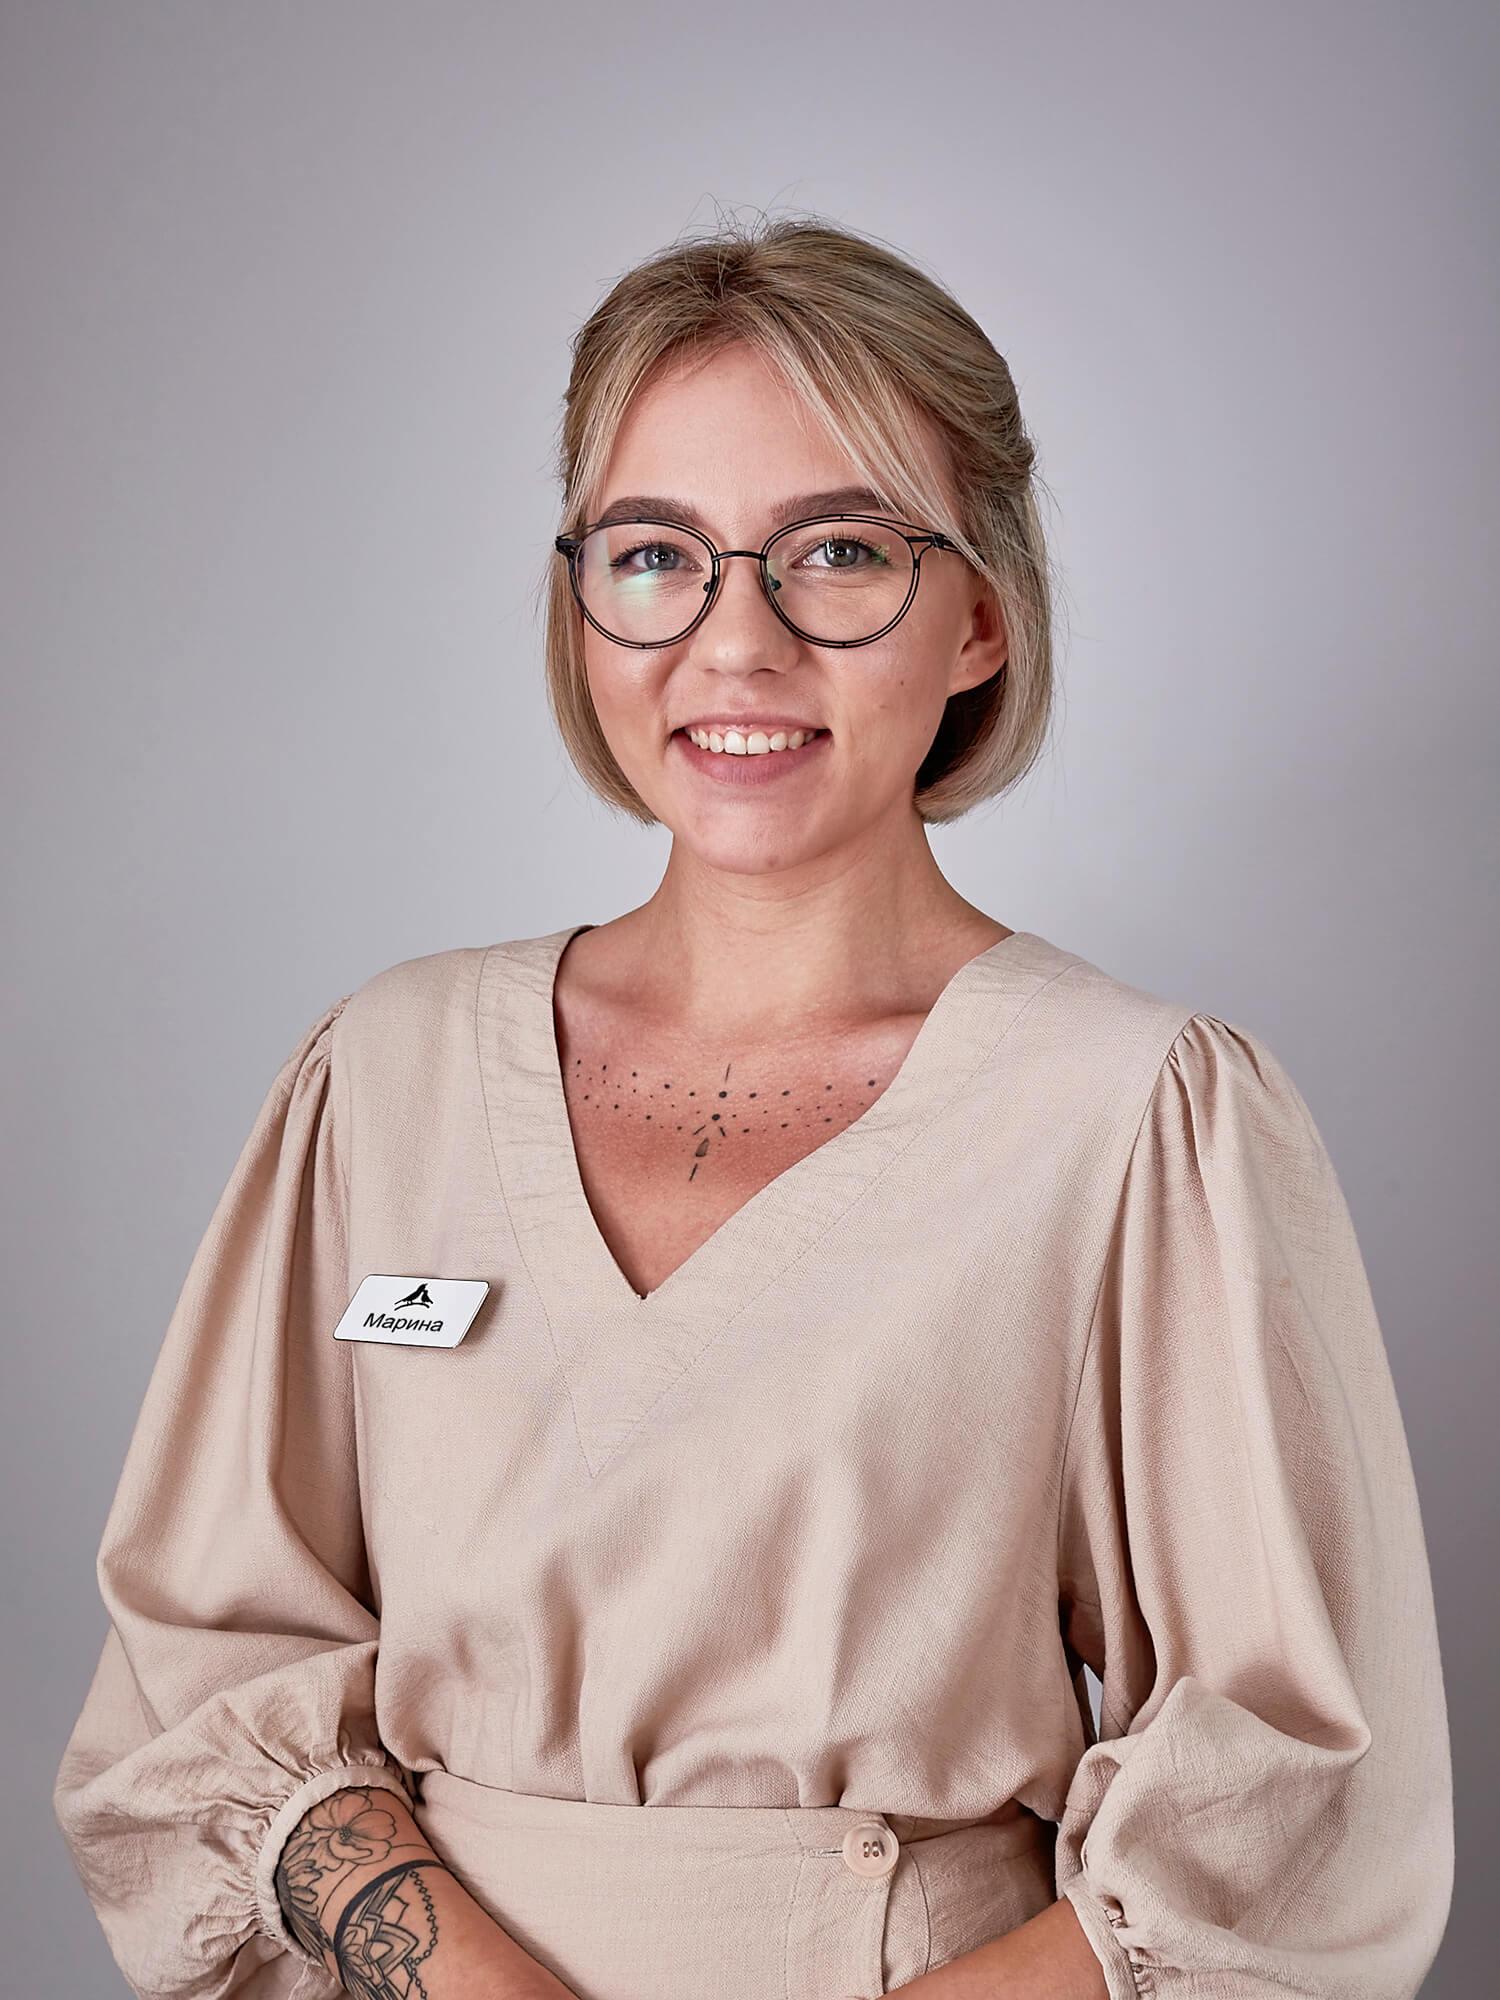 Maryna Vasilieva